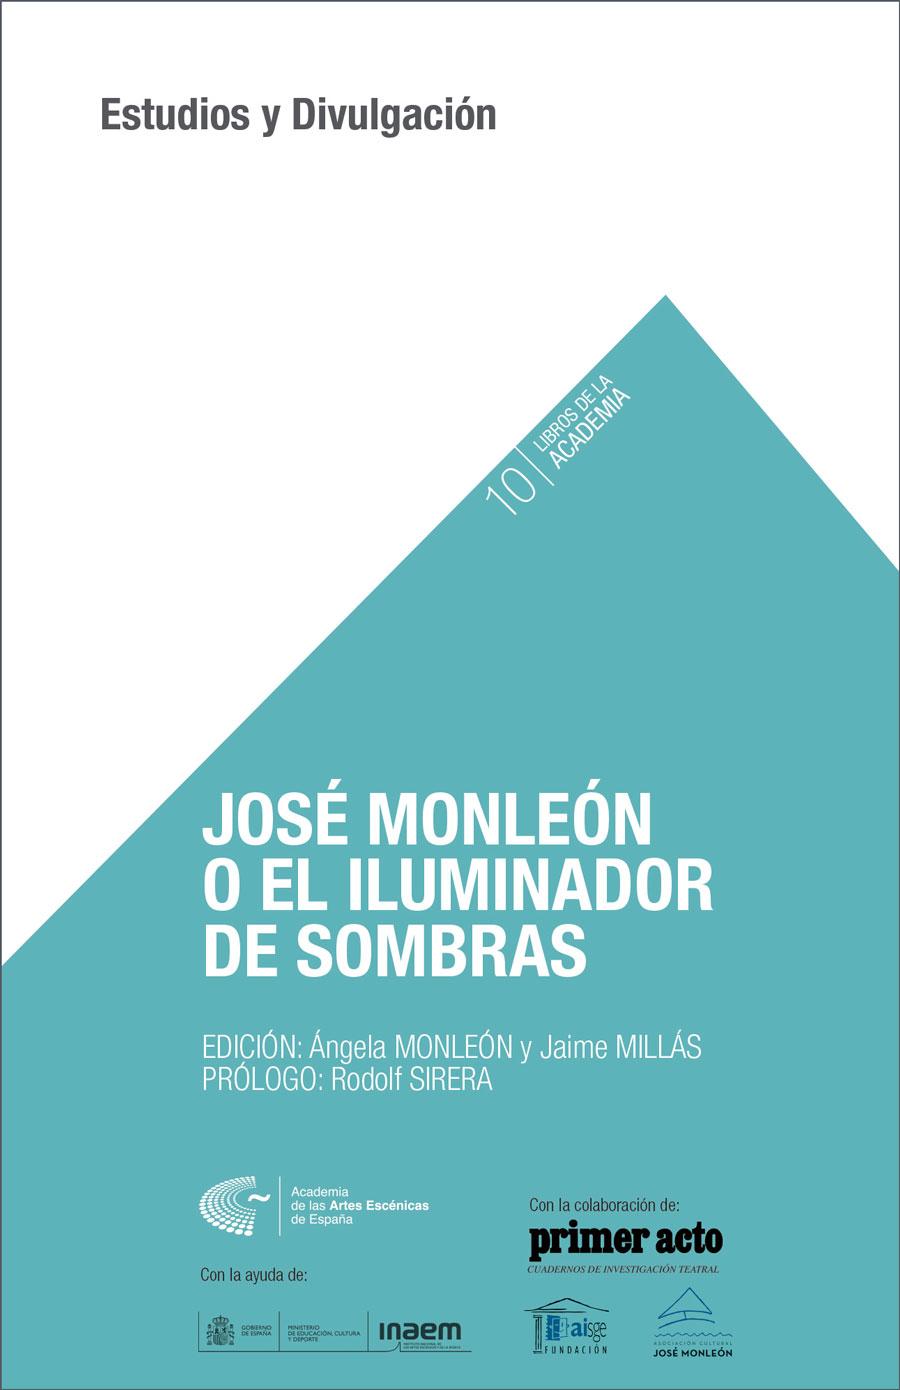 Foto de José Monleón o el iluminador de sombras